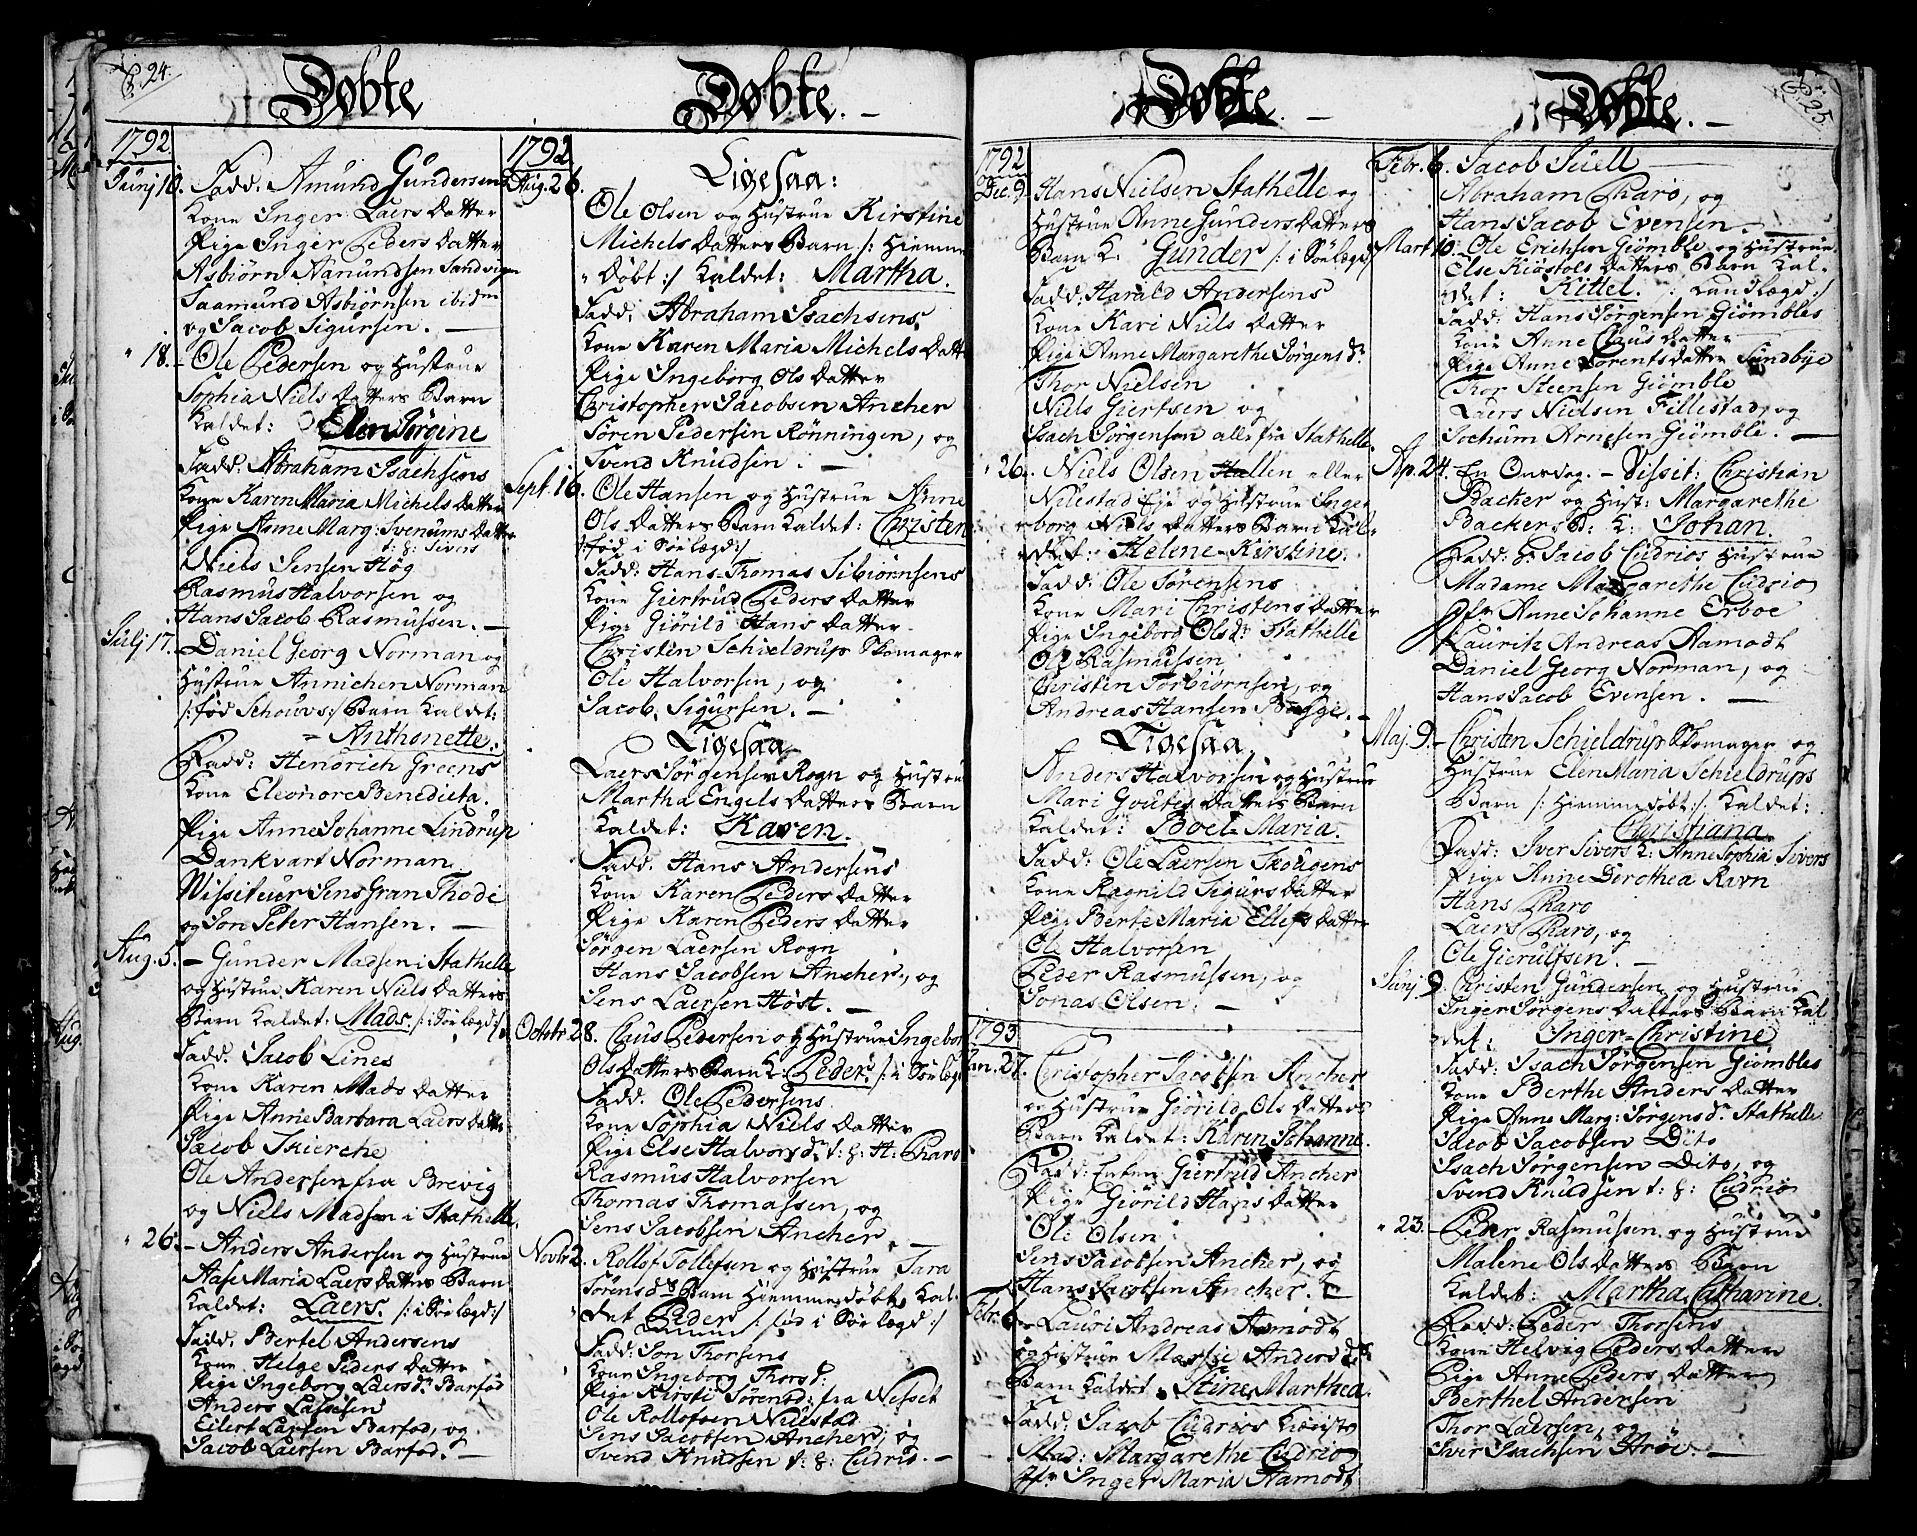 SAKO, Langesund kirkebøker, G/Ga/L0001: Klokkerbok nr. 1, 1783-1801, s. 24-25